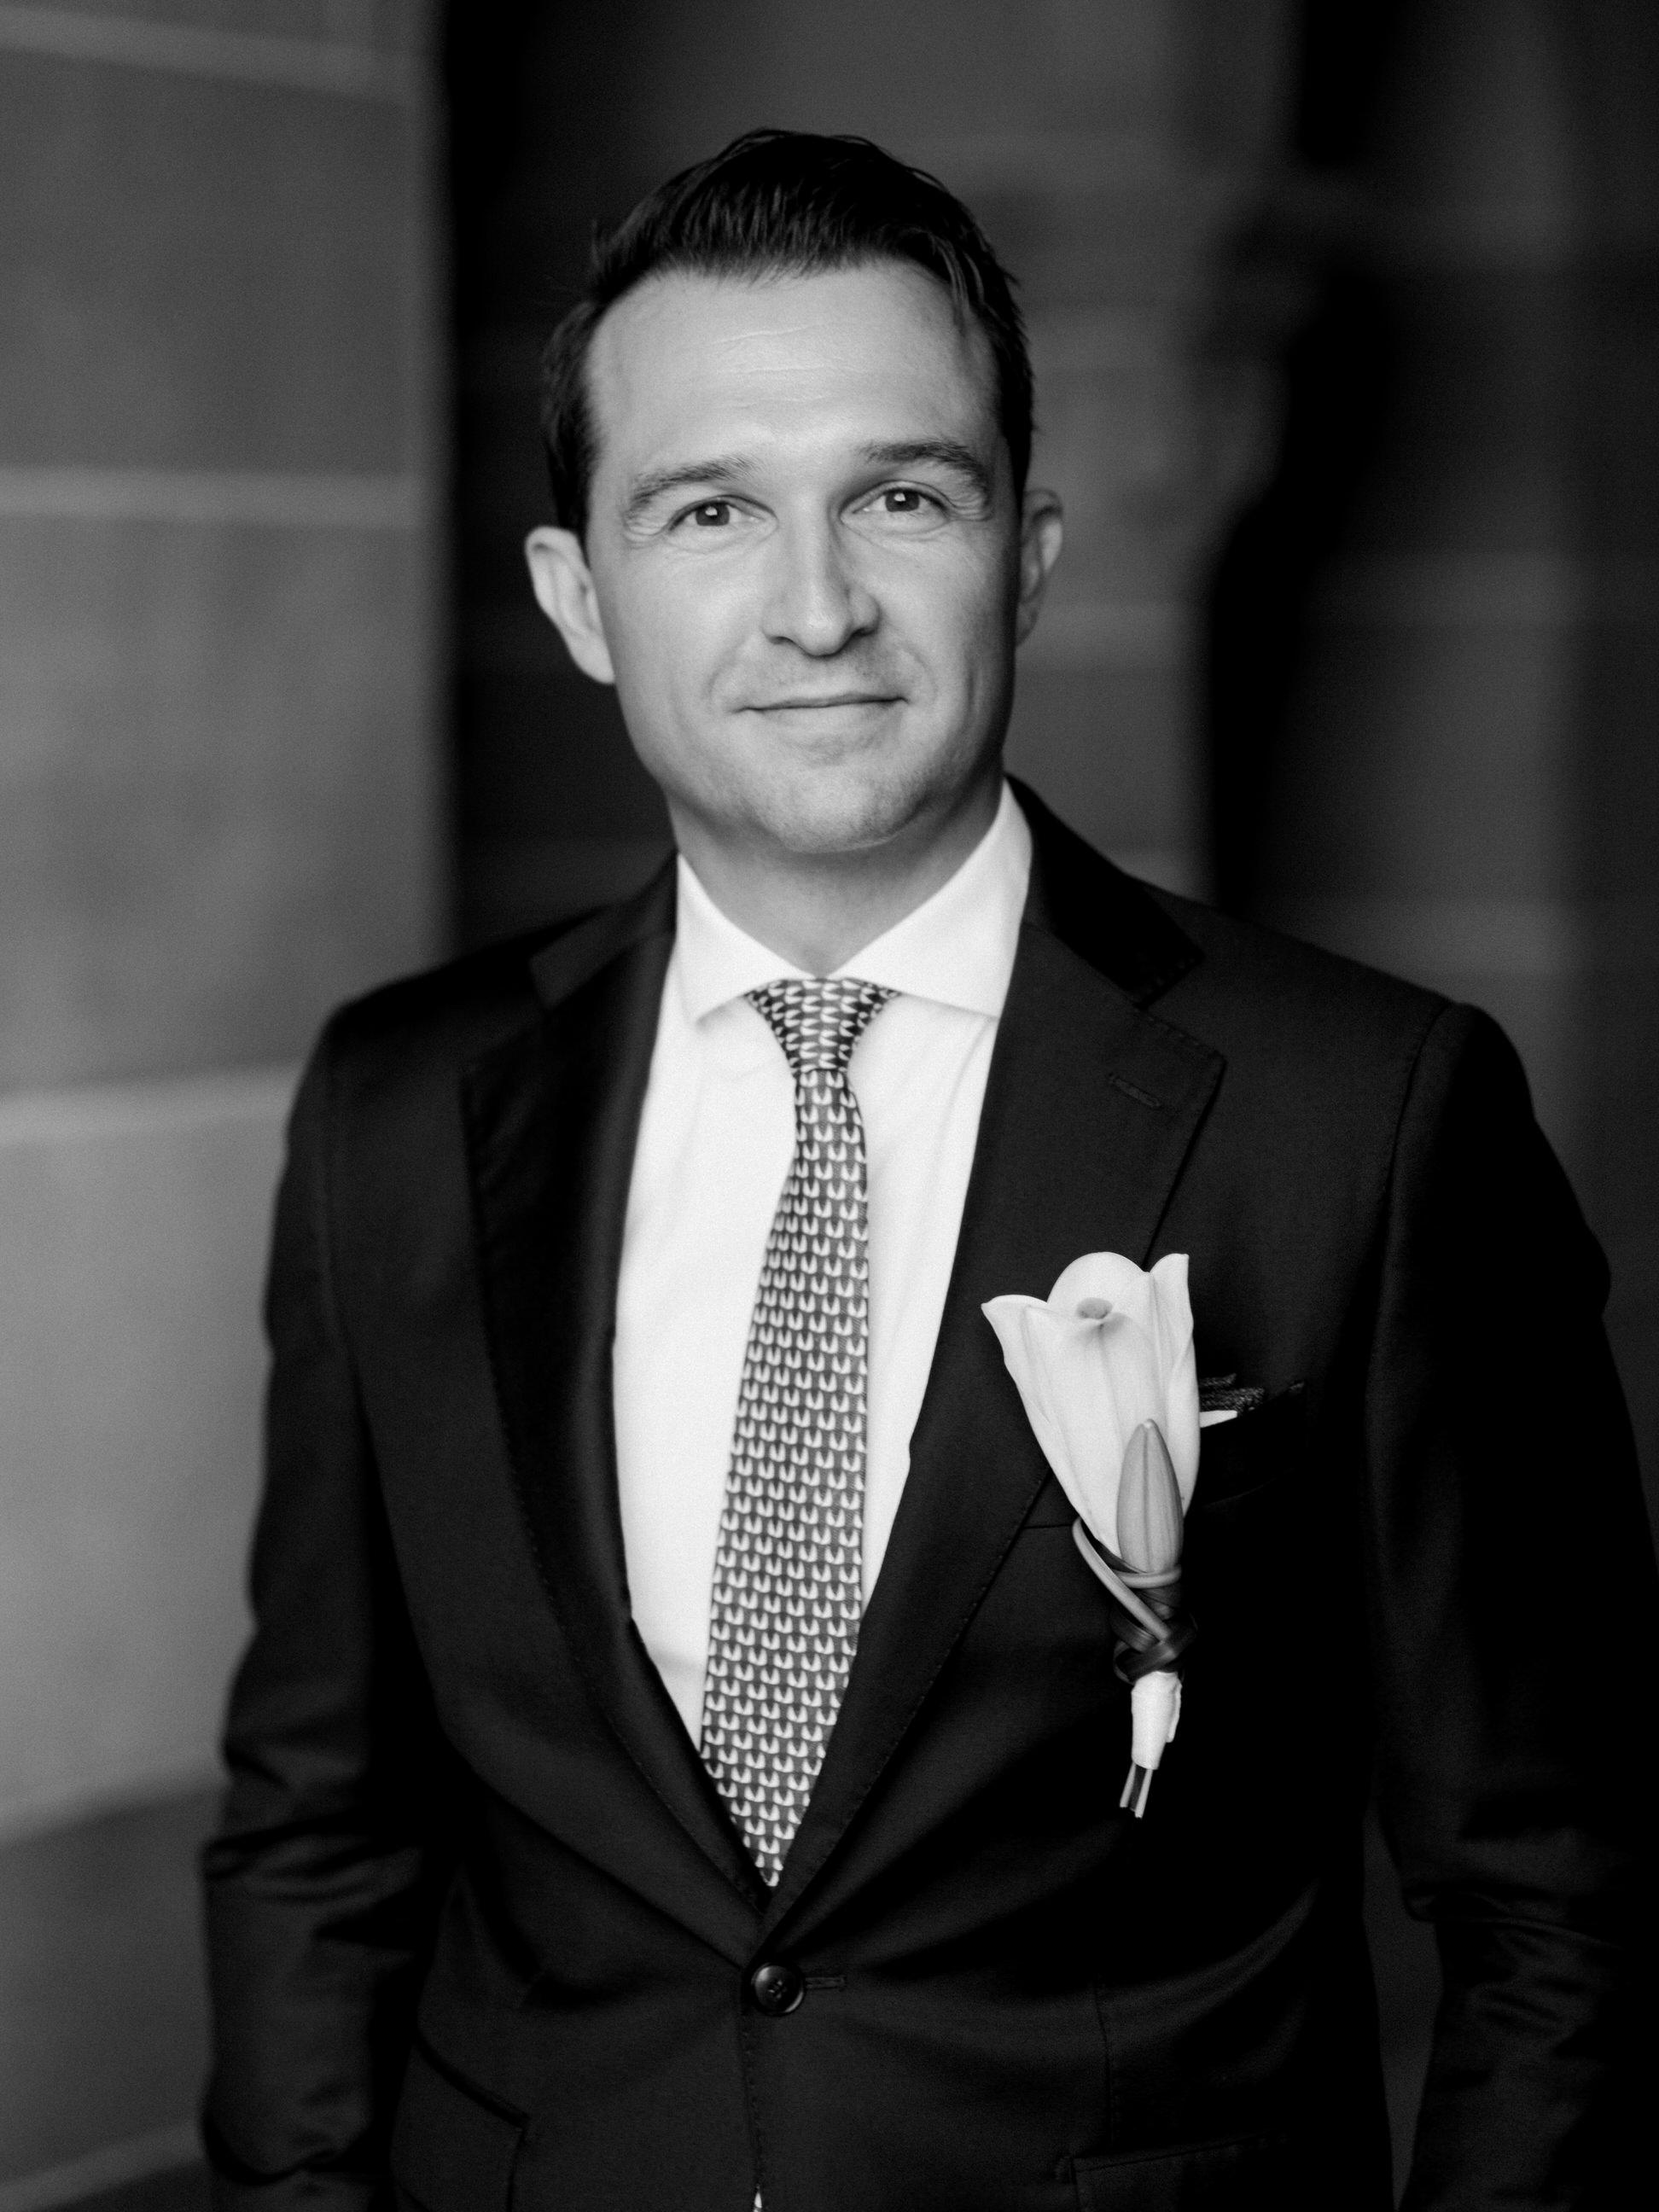 Civil Wedding Zurich, Switzerland Photographer